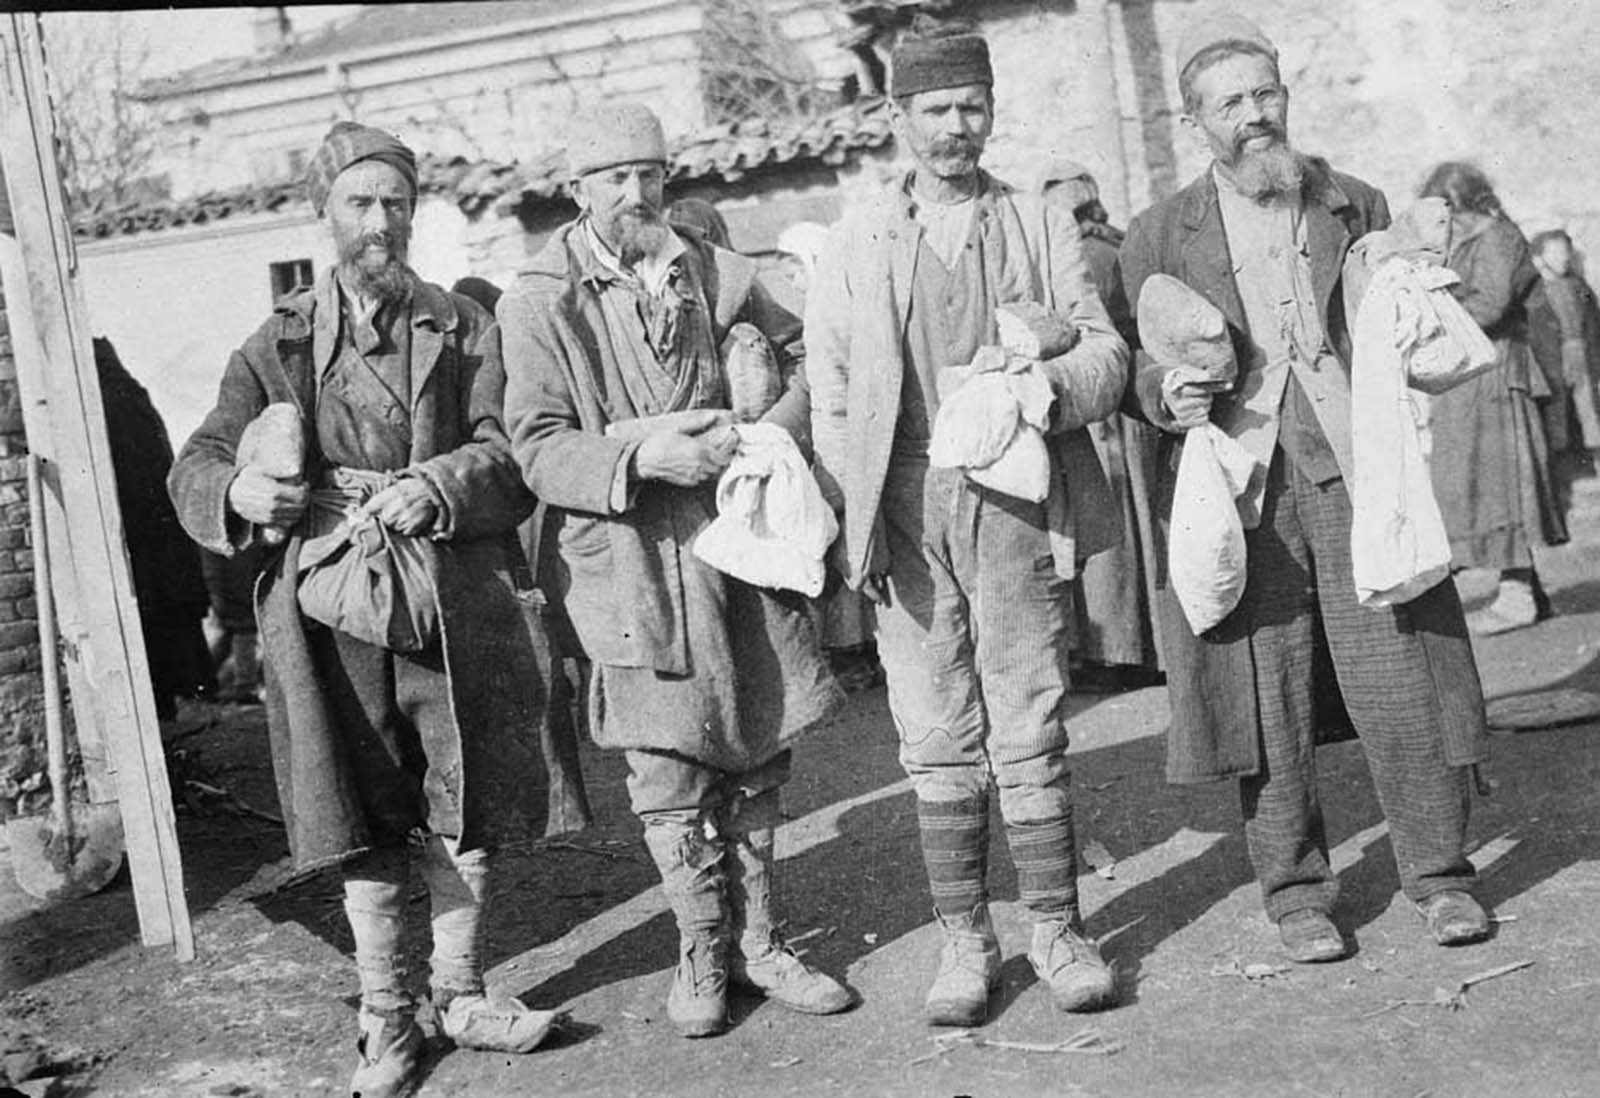 People of Balkans 100 years ago